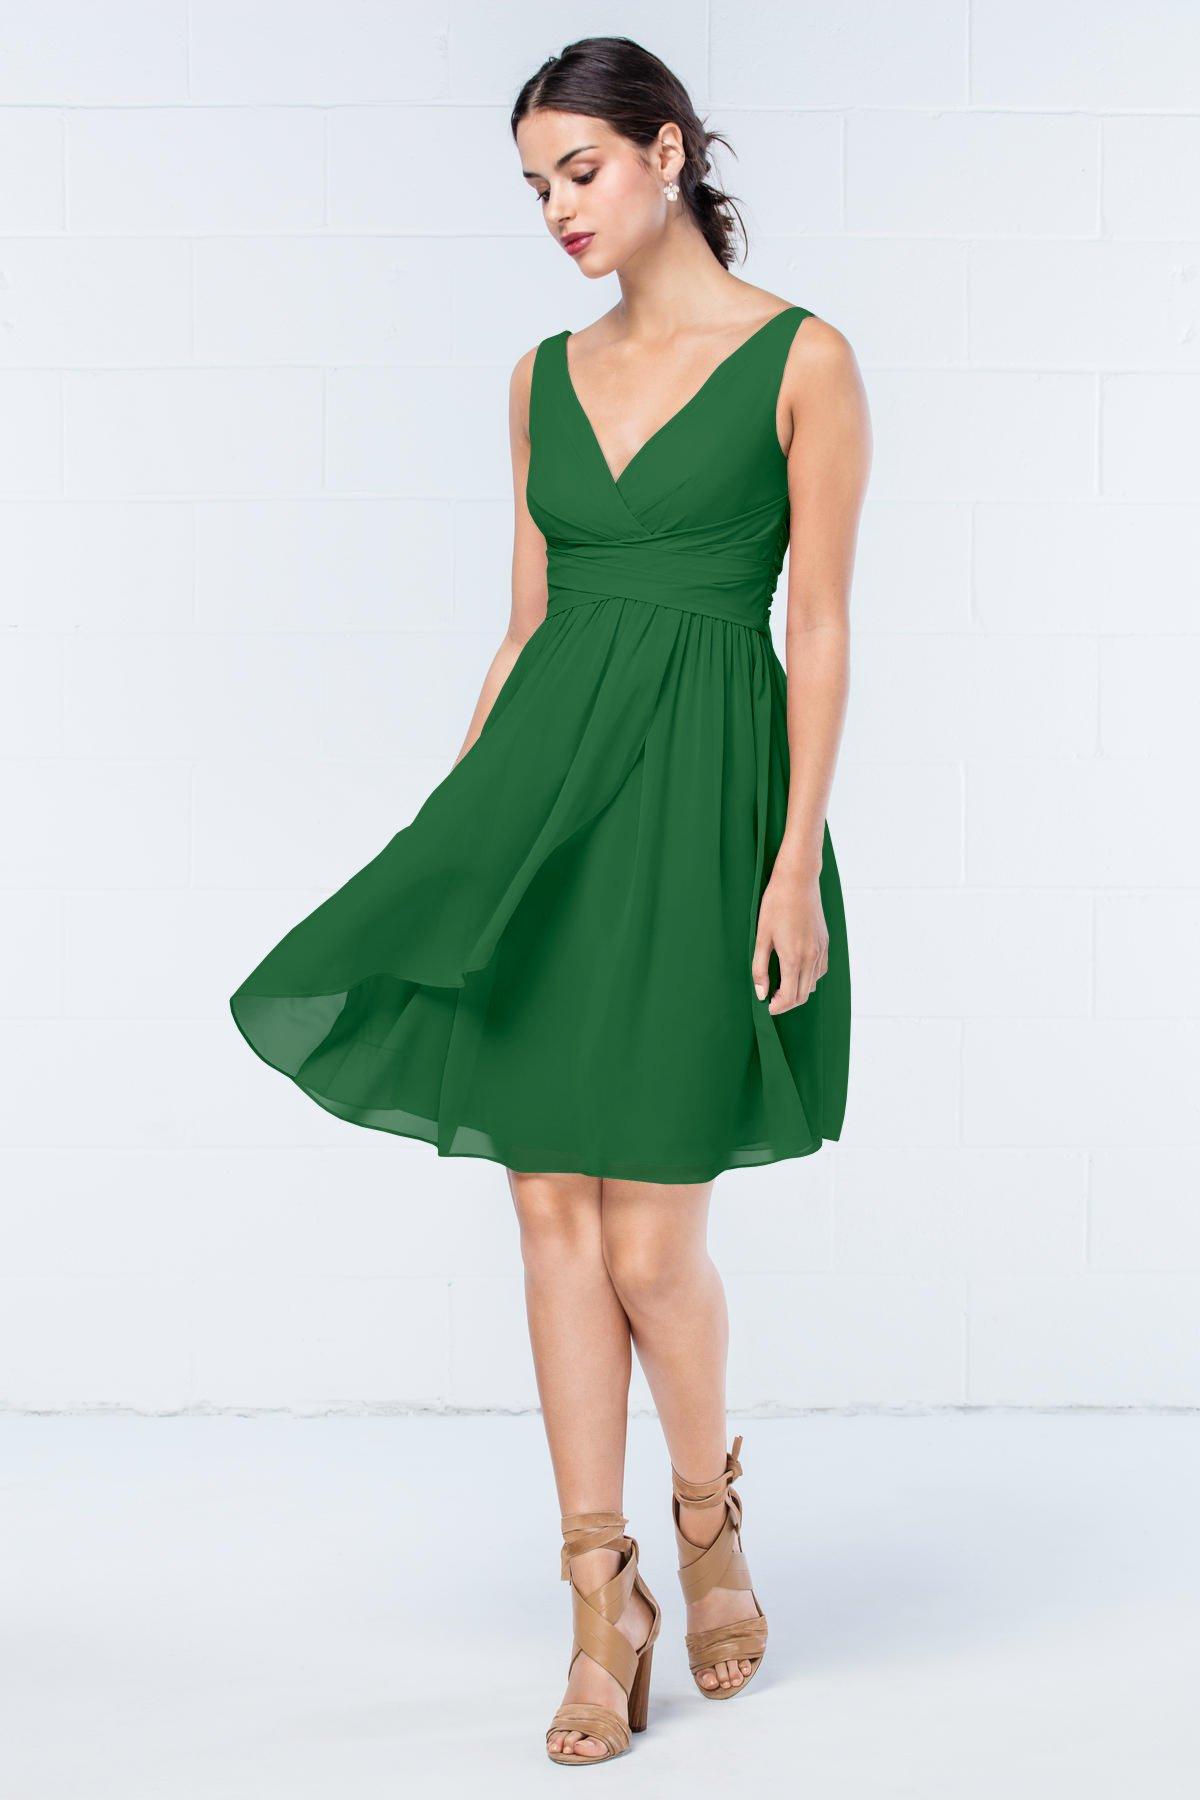 Short Emerald Green Summer Bridesmaid Dress Budget